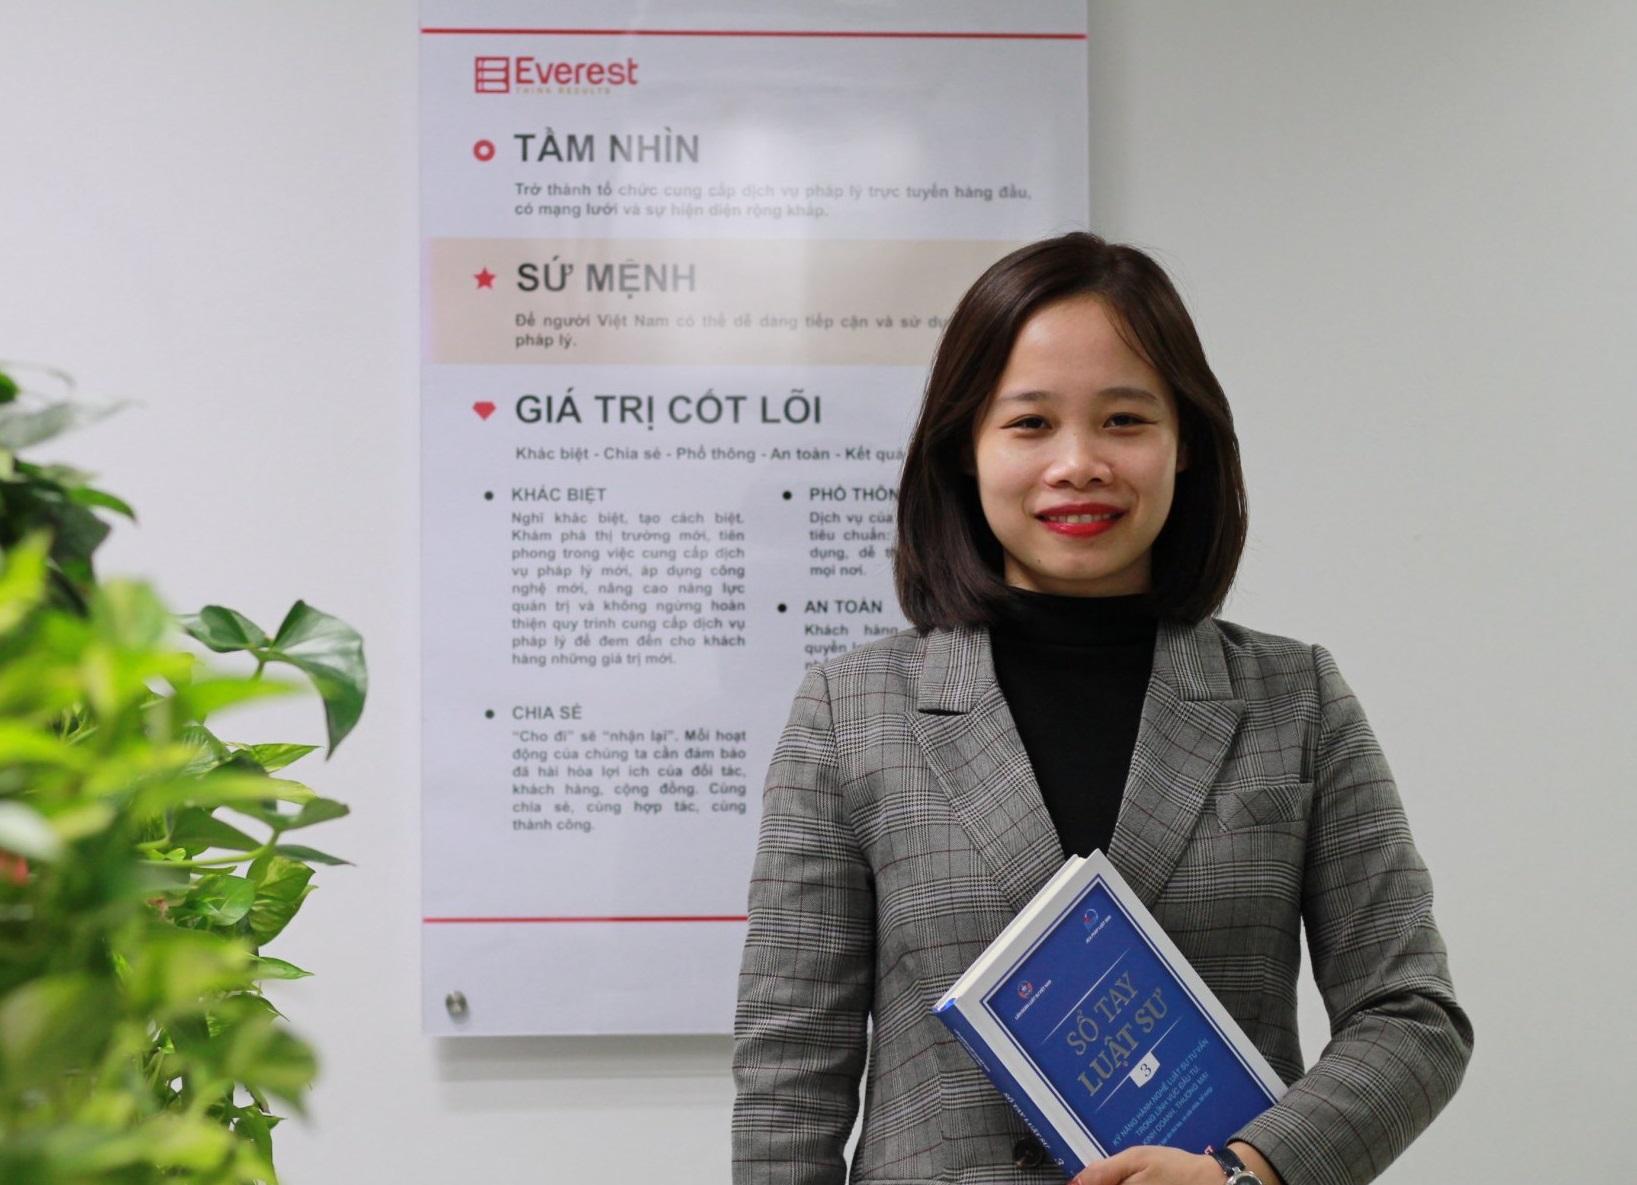 Luật sư Nguyễn Hoài Thương - Công ty Luật TNHH Everest- Tổng đài tư vấn (24/7):1900 6198